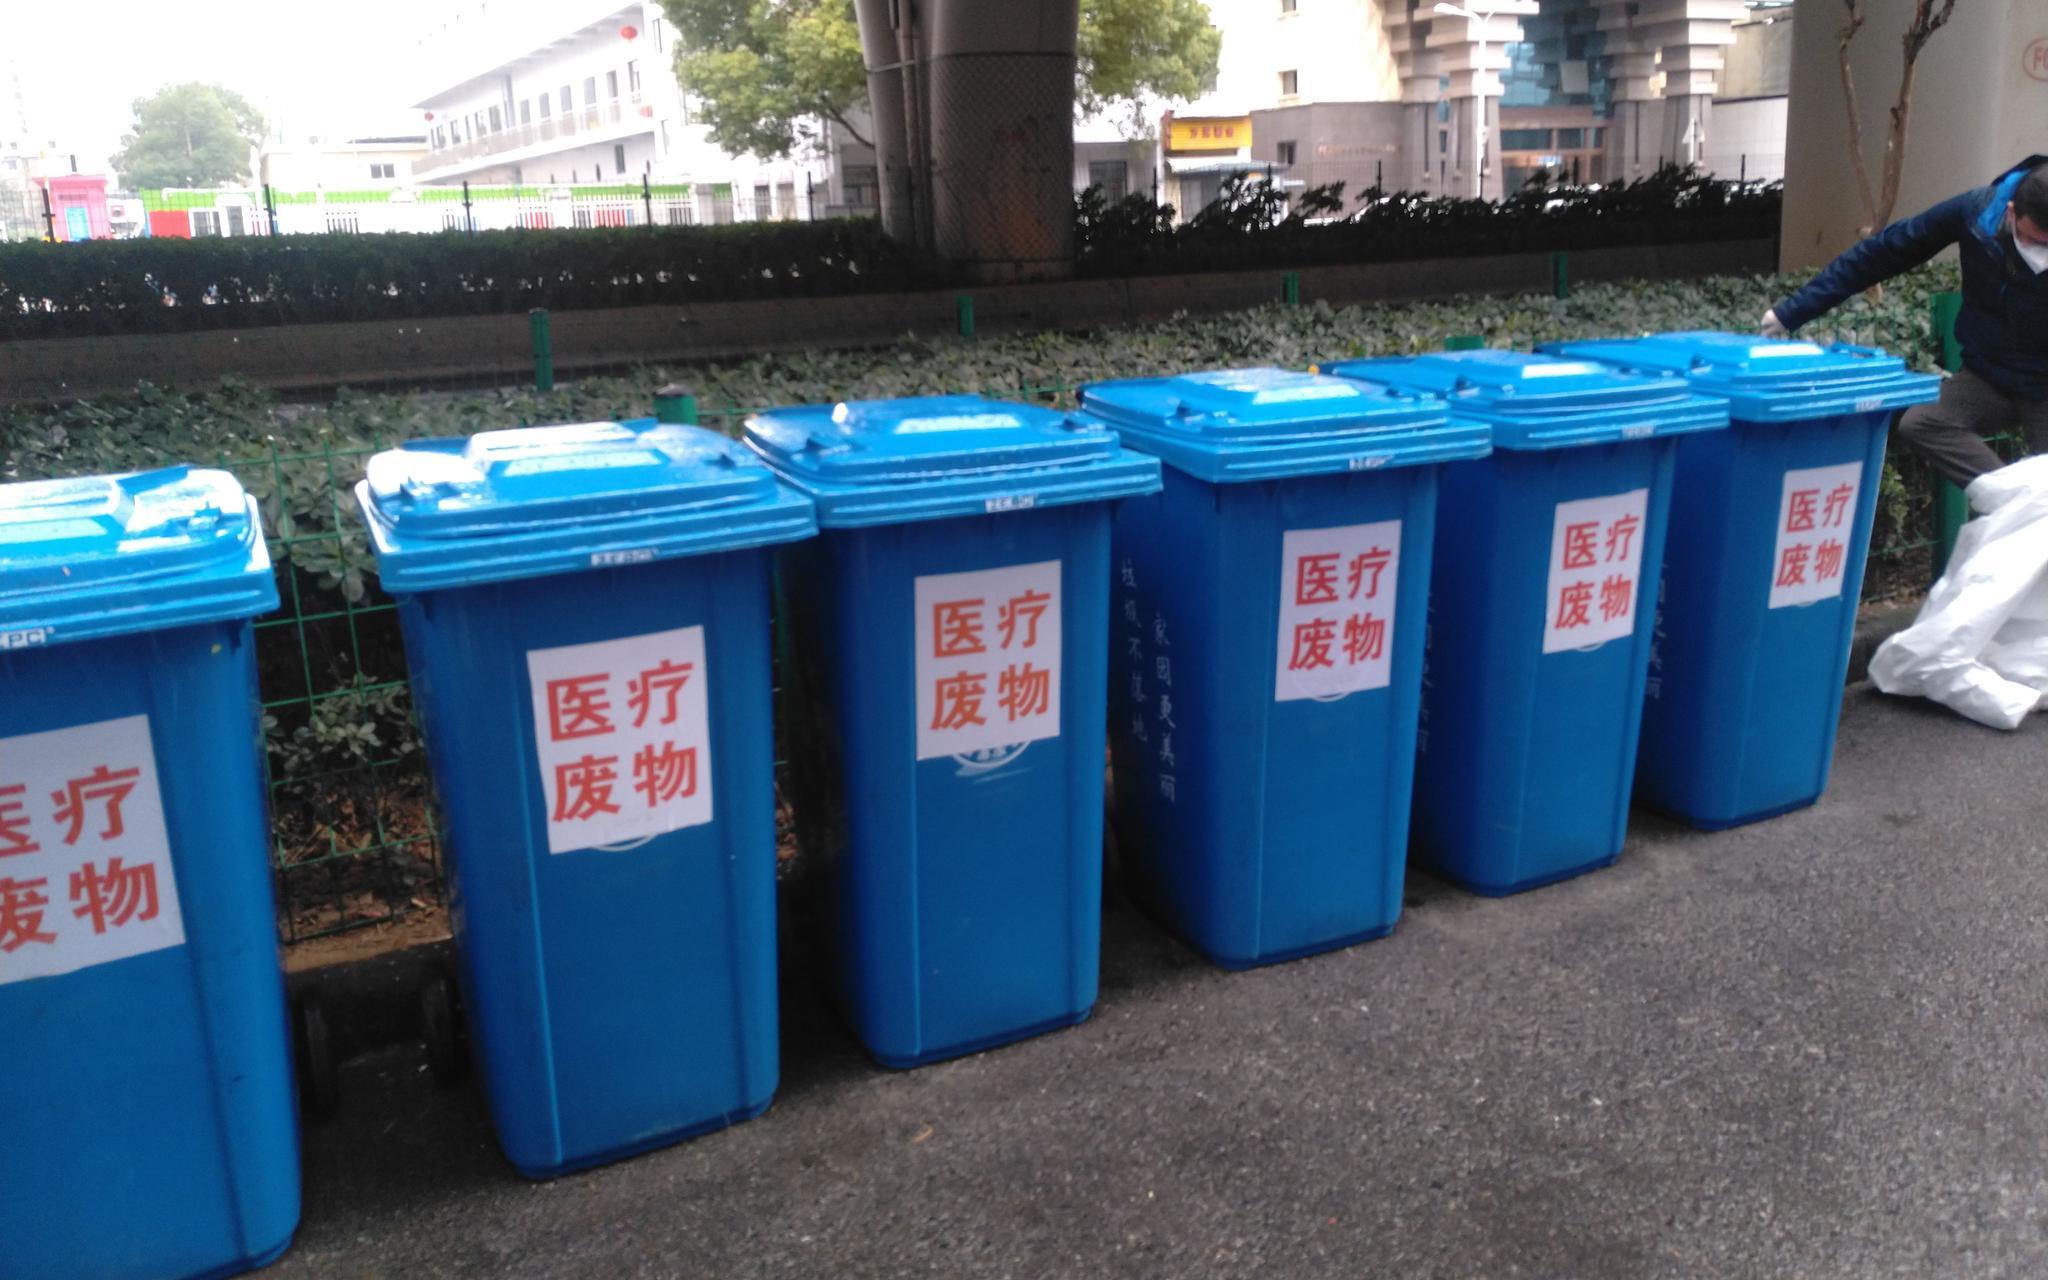 洪山区某出院者隔离点门口的医疗废料专用垃圾桶。 记京报新者 海阳。 摄